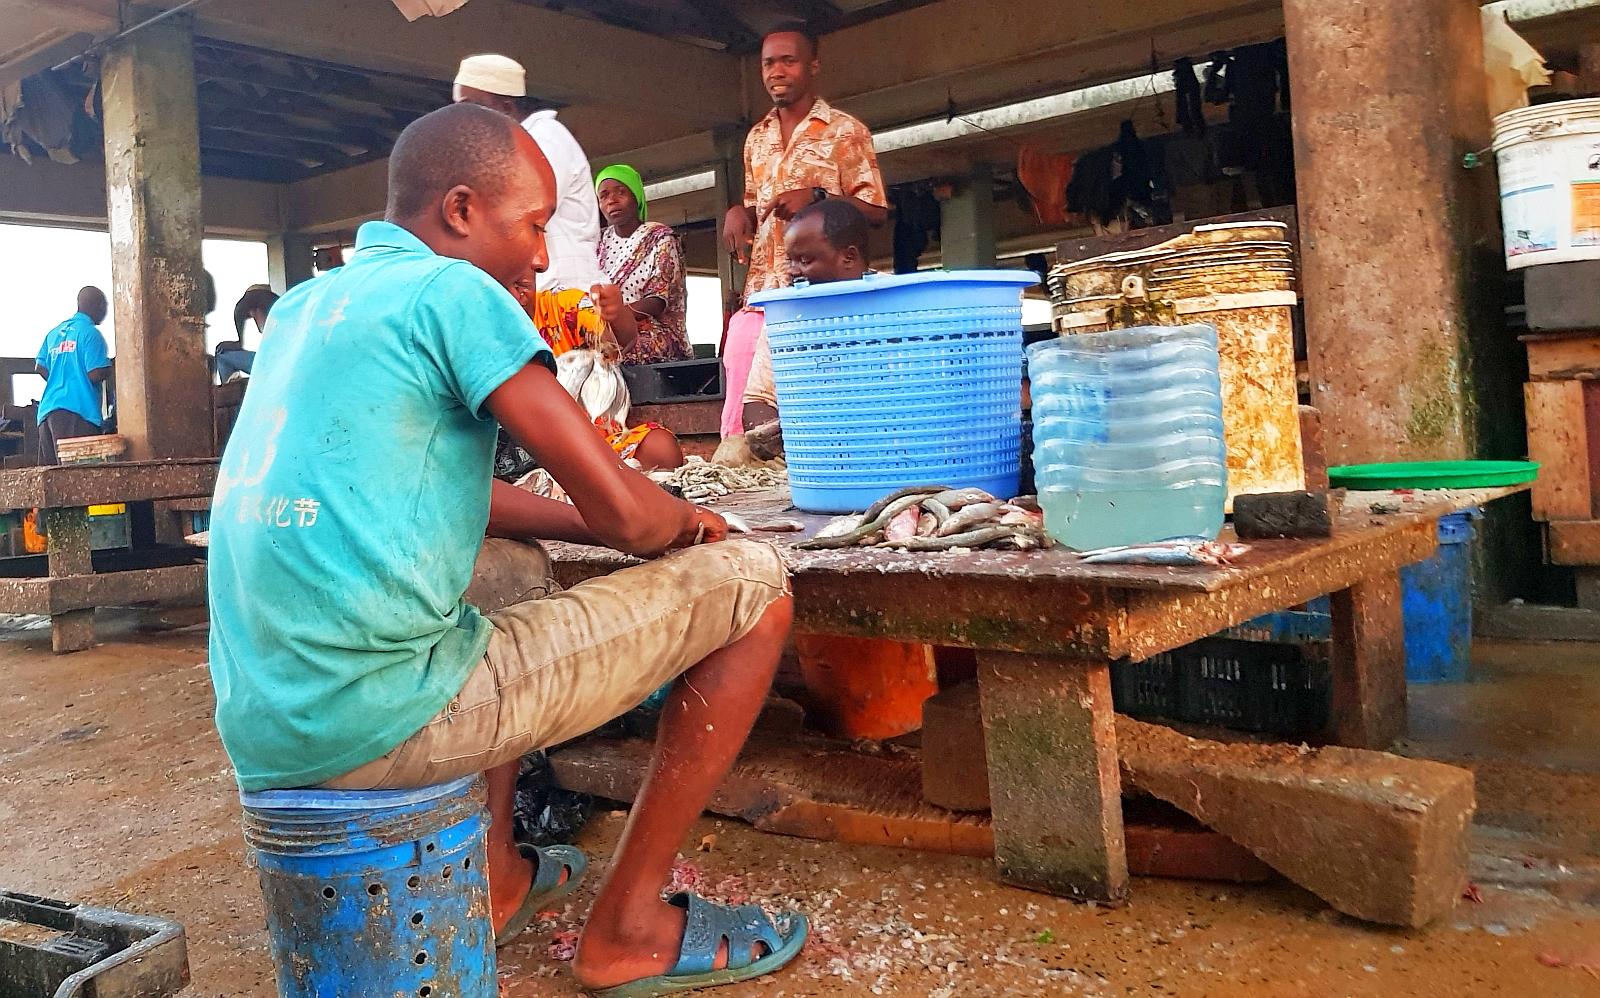 Mzizima Fish Market